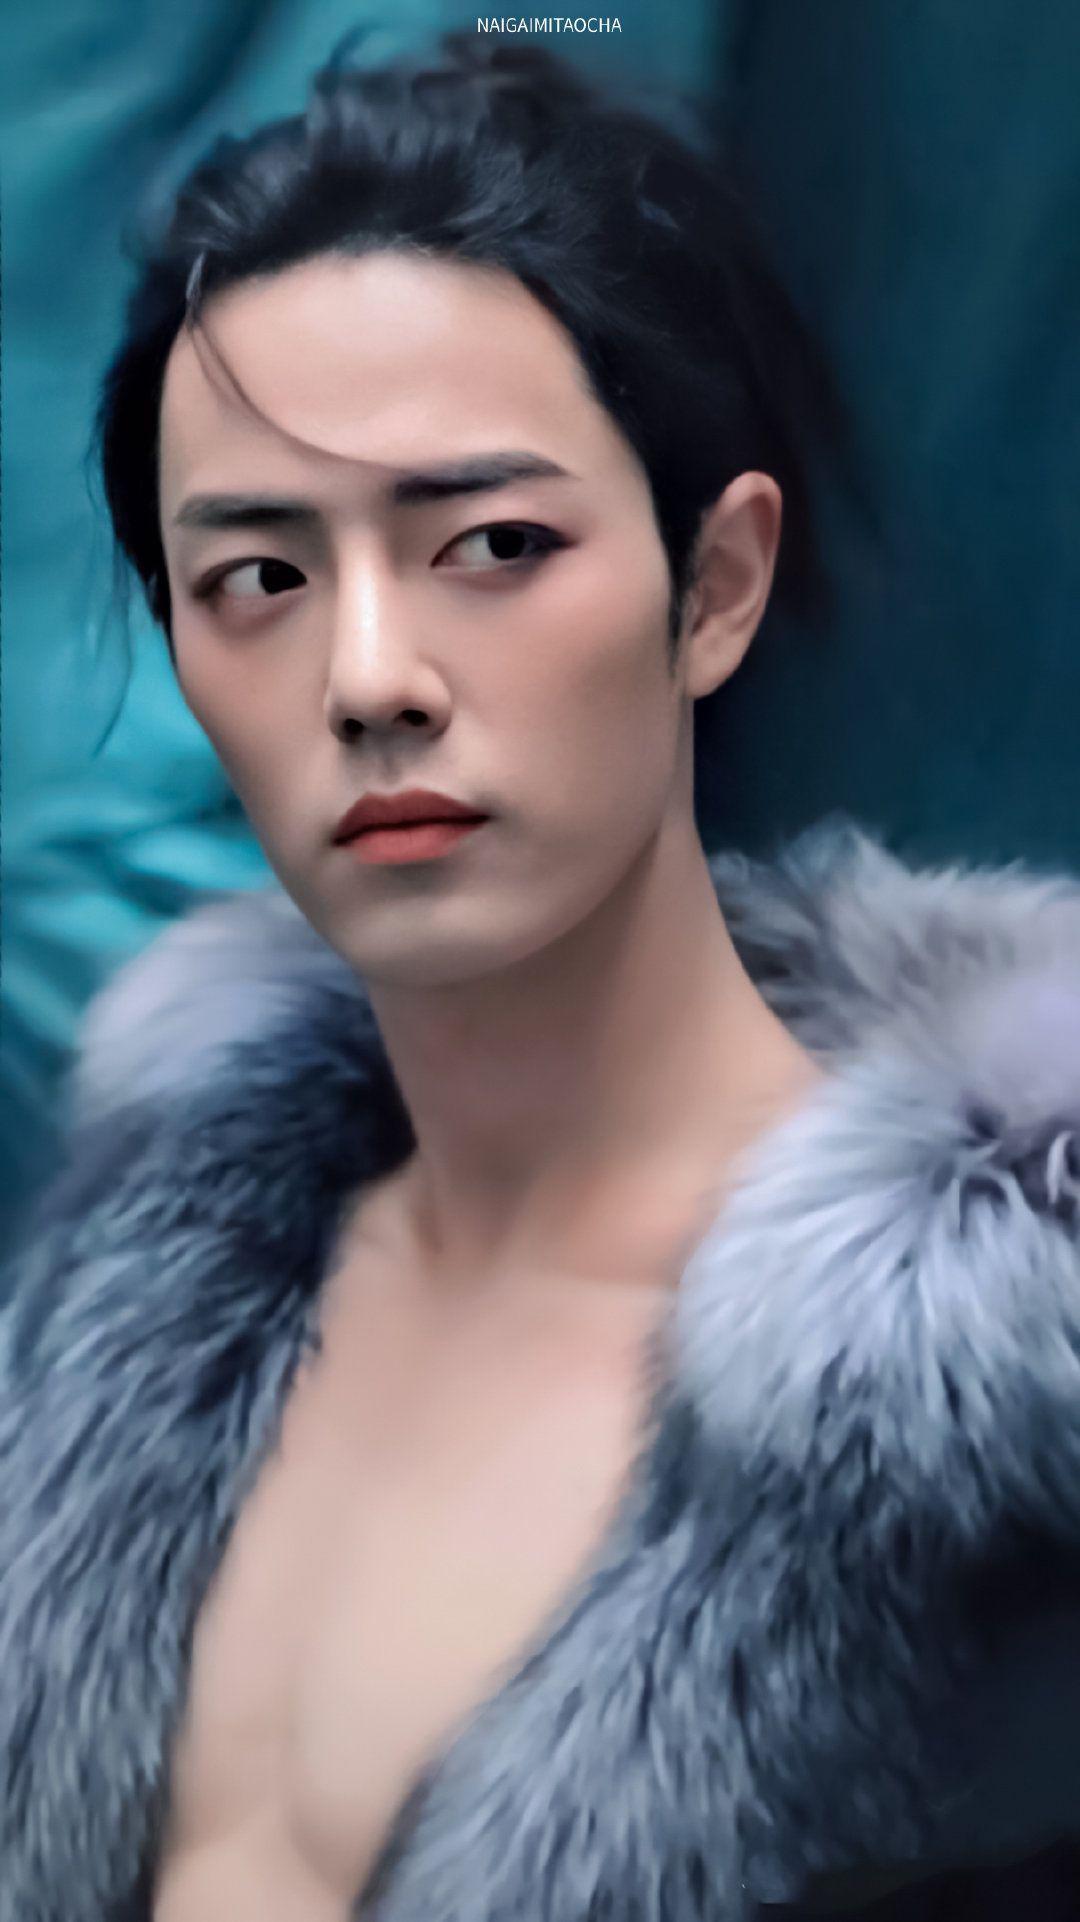 Ghim của Jane Liu trên BJYX (博君一肖) trong 2020 (Có hình ảnh